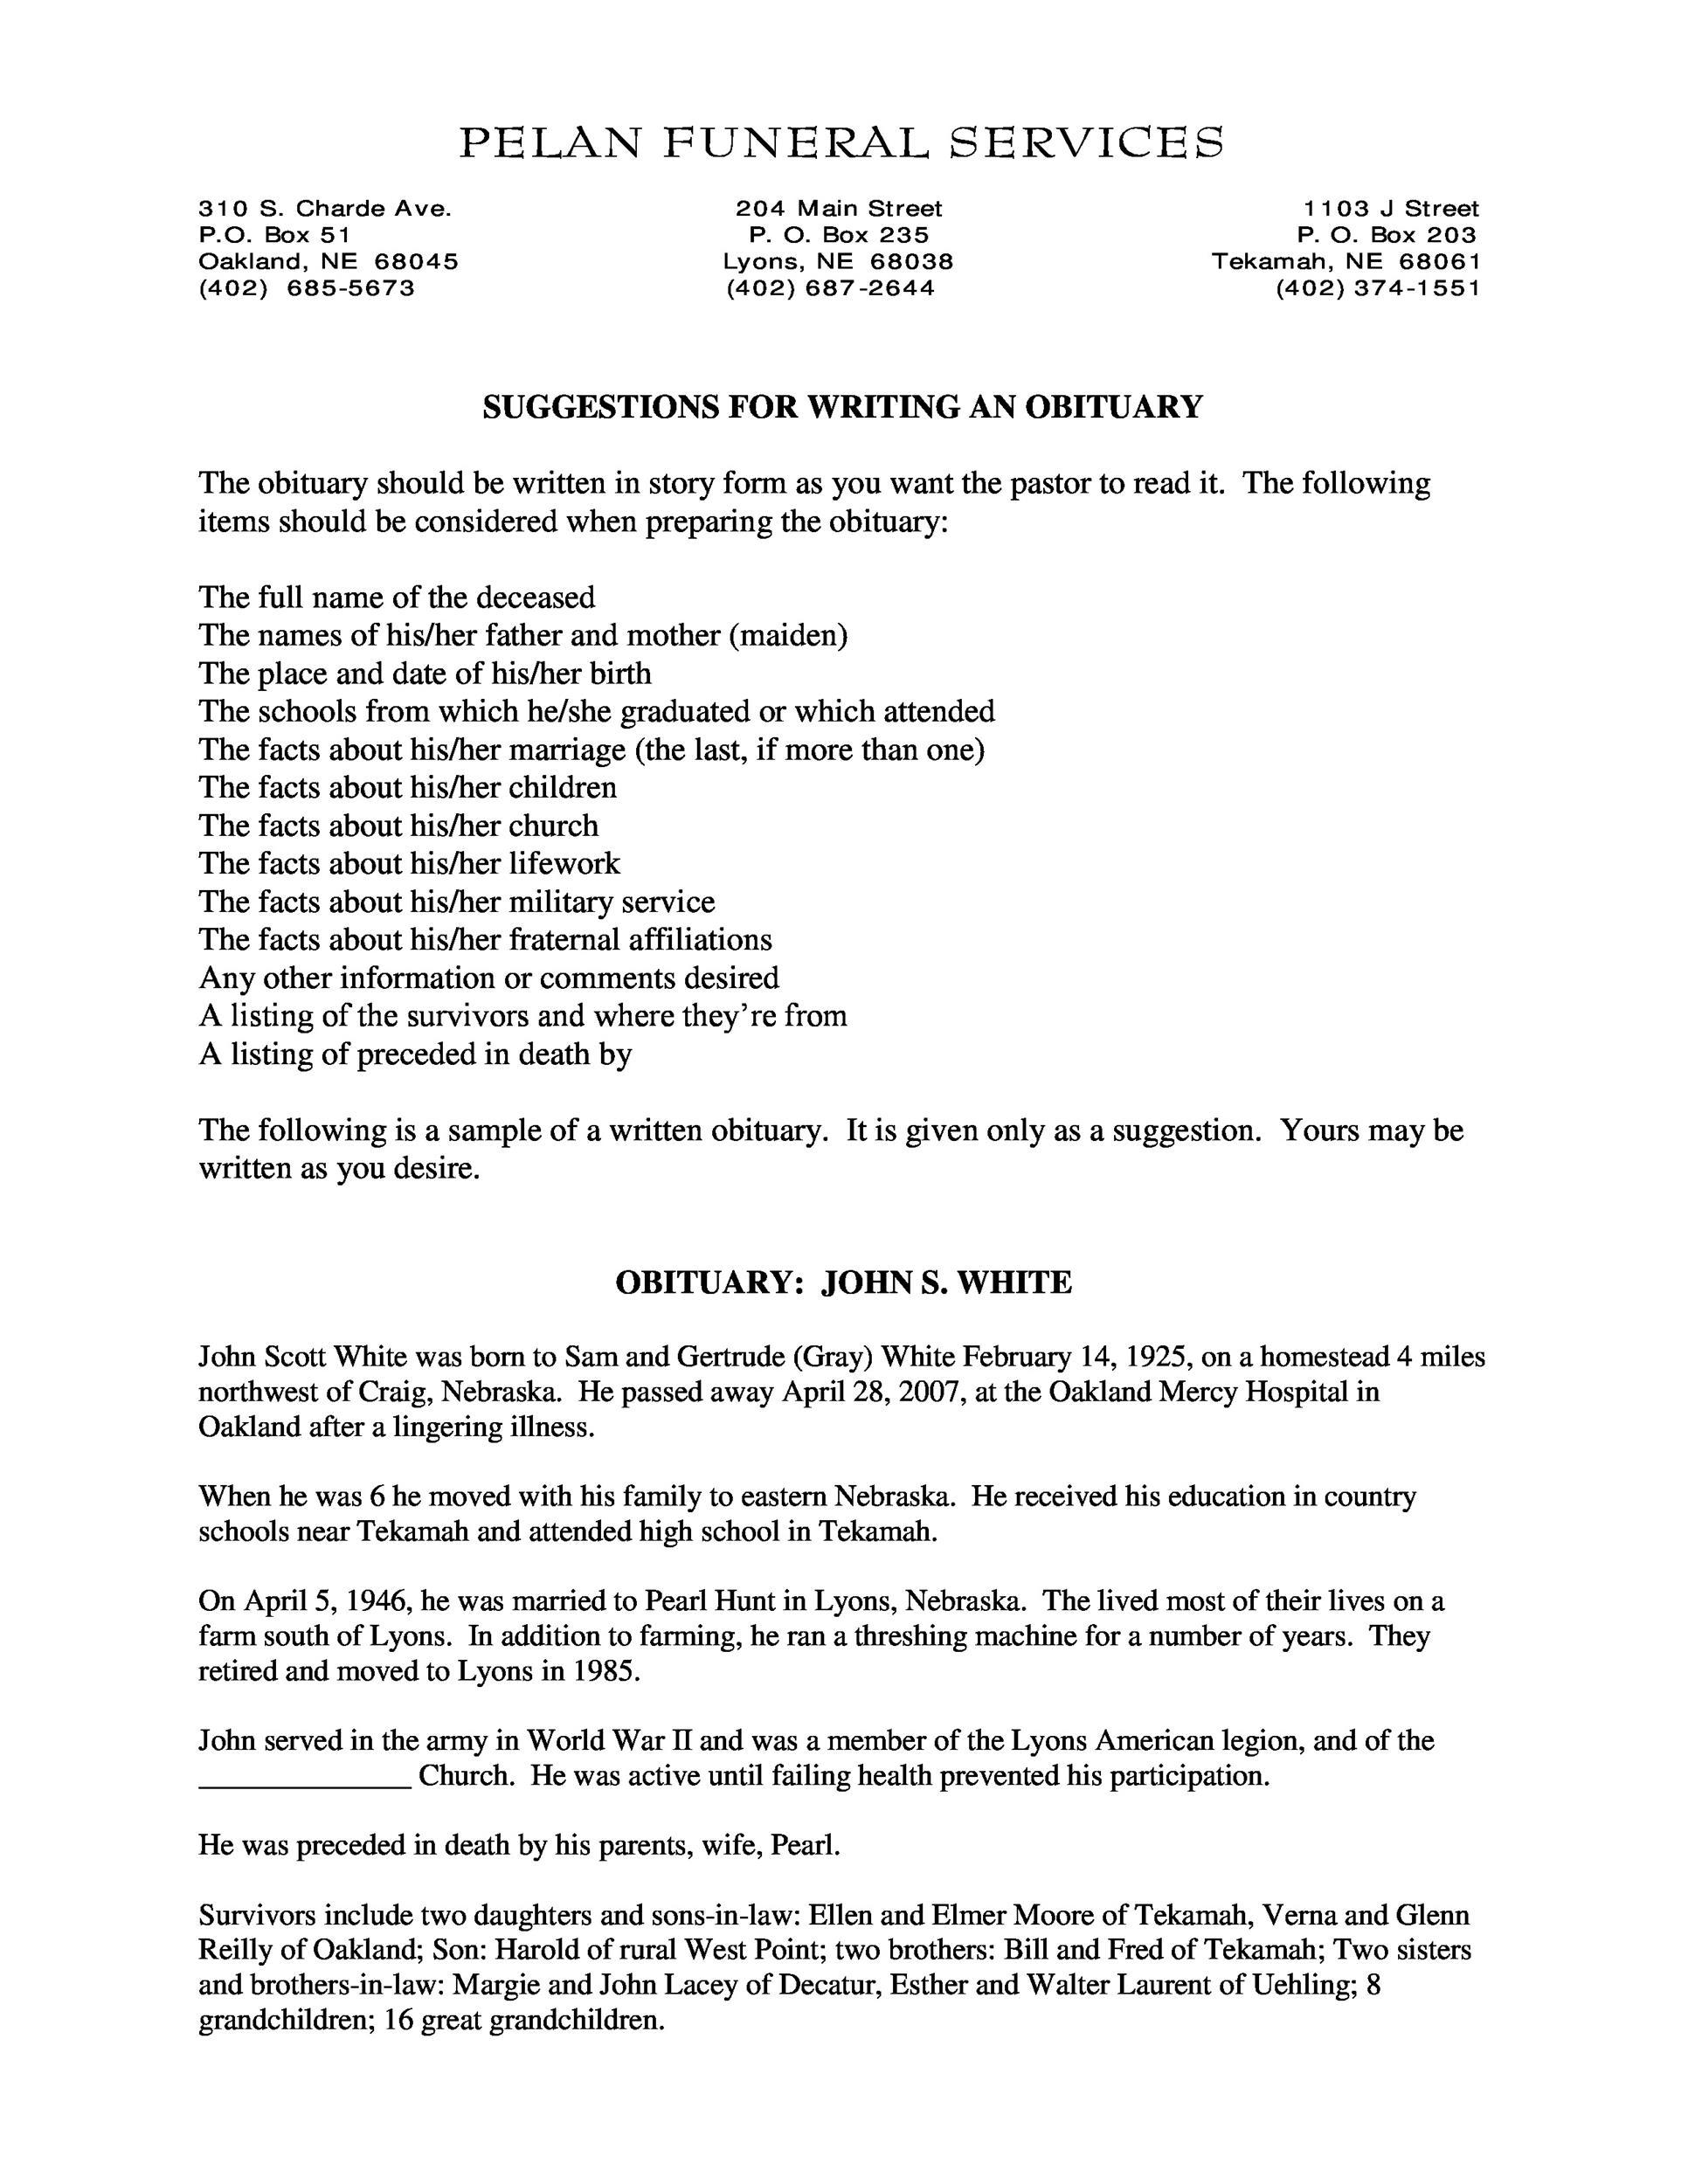 Free Sample Obituary 03